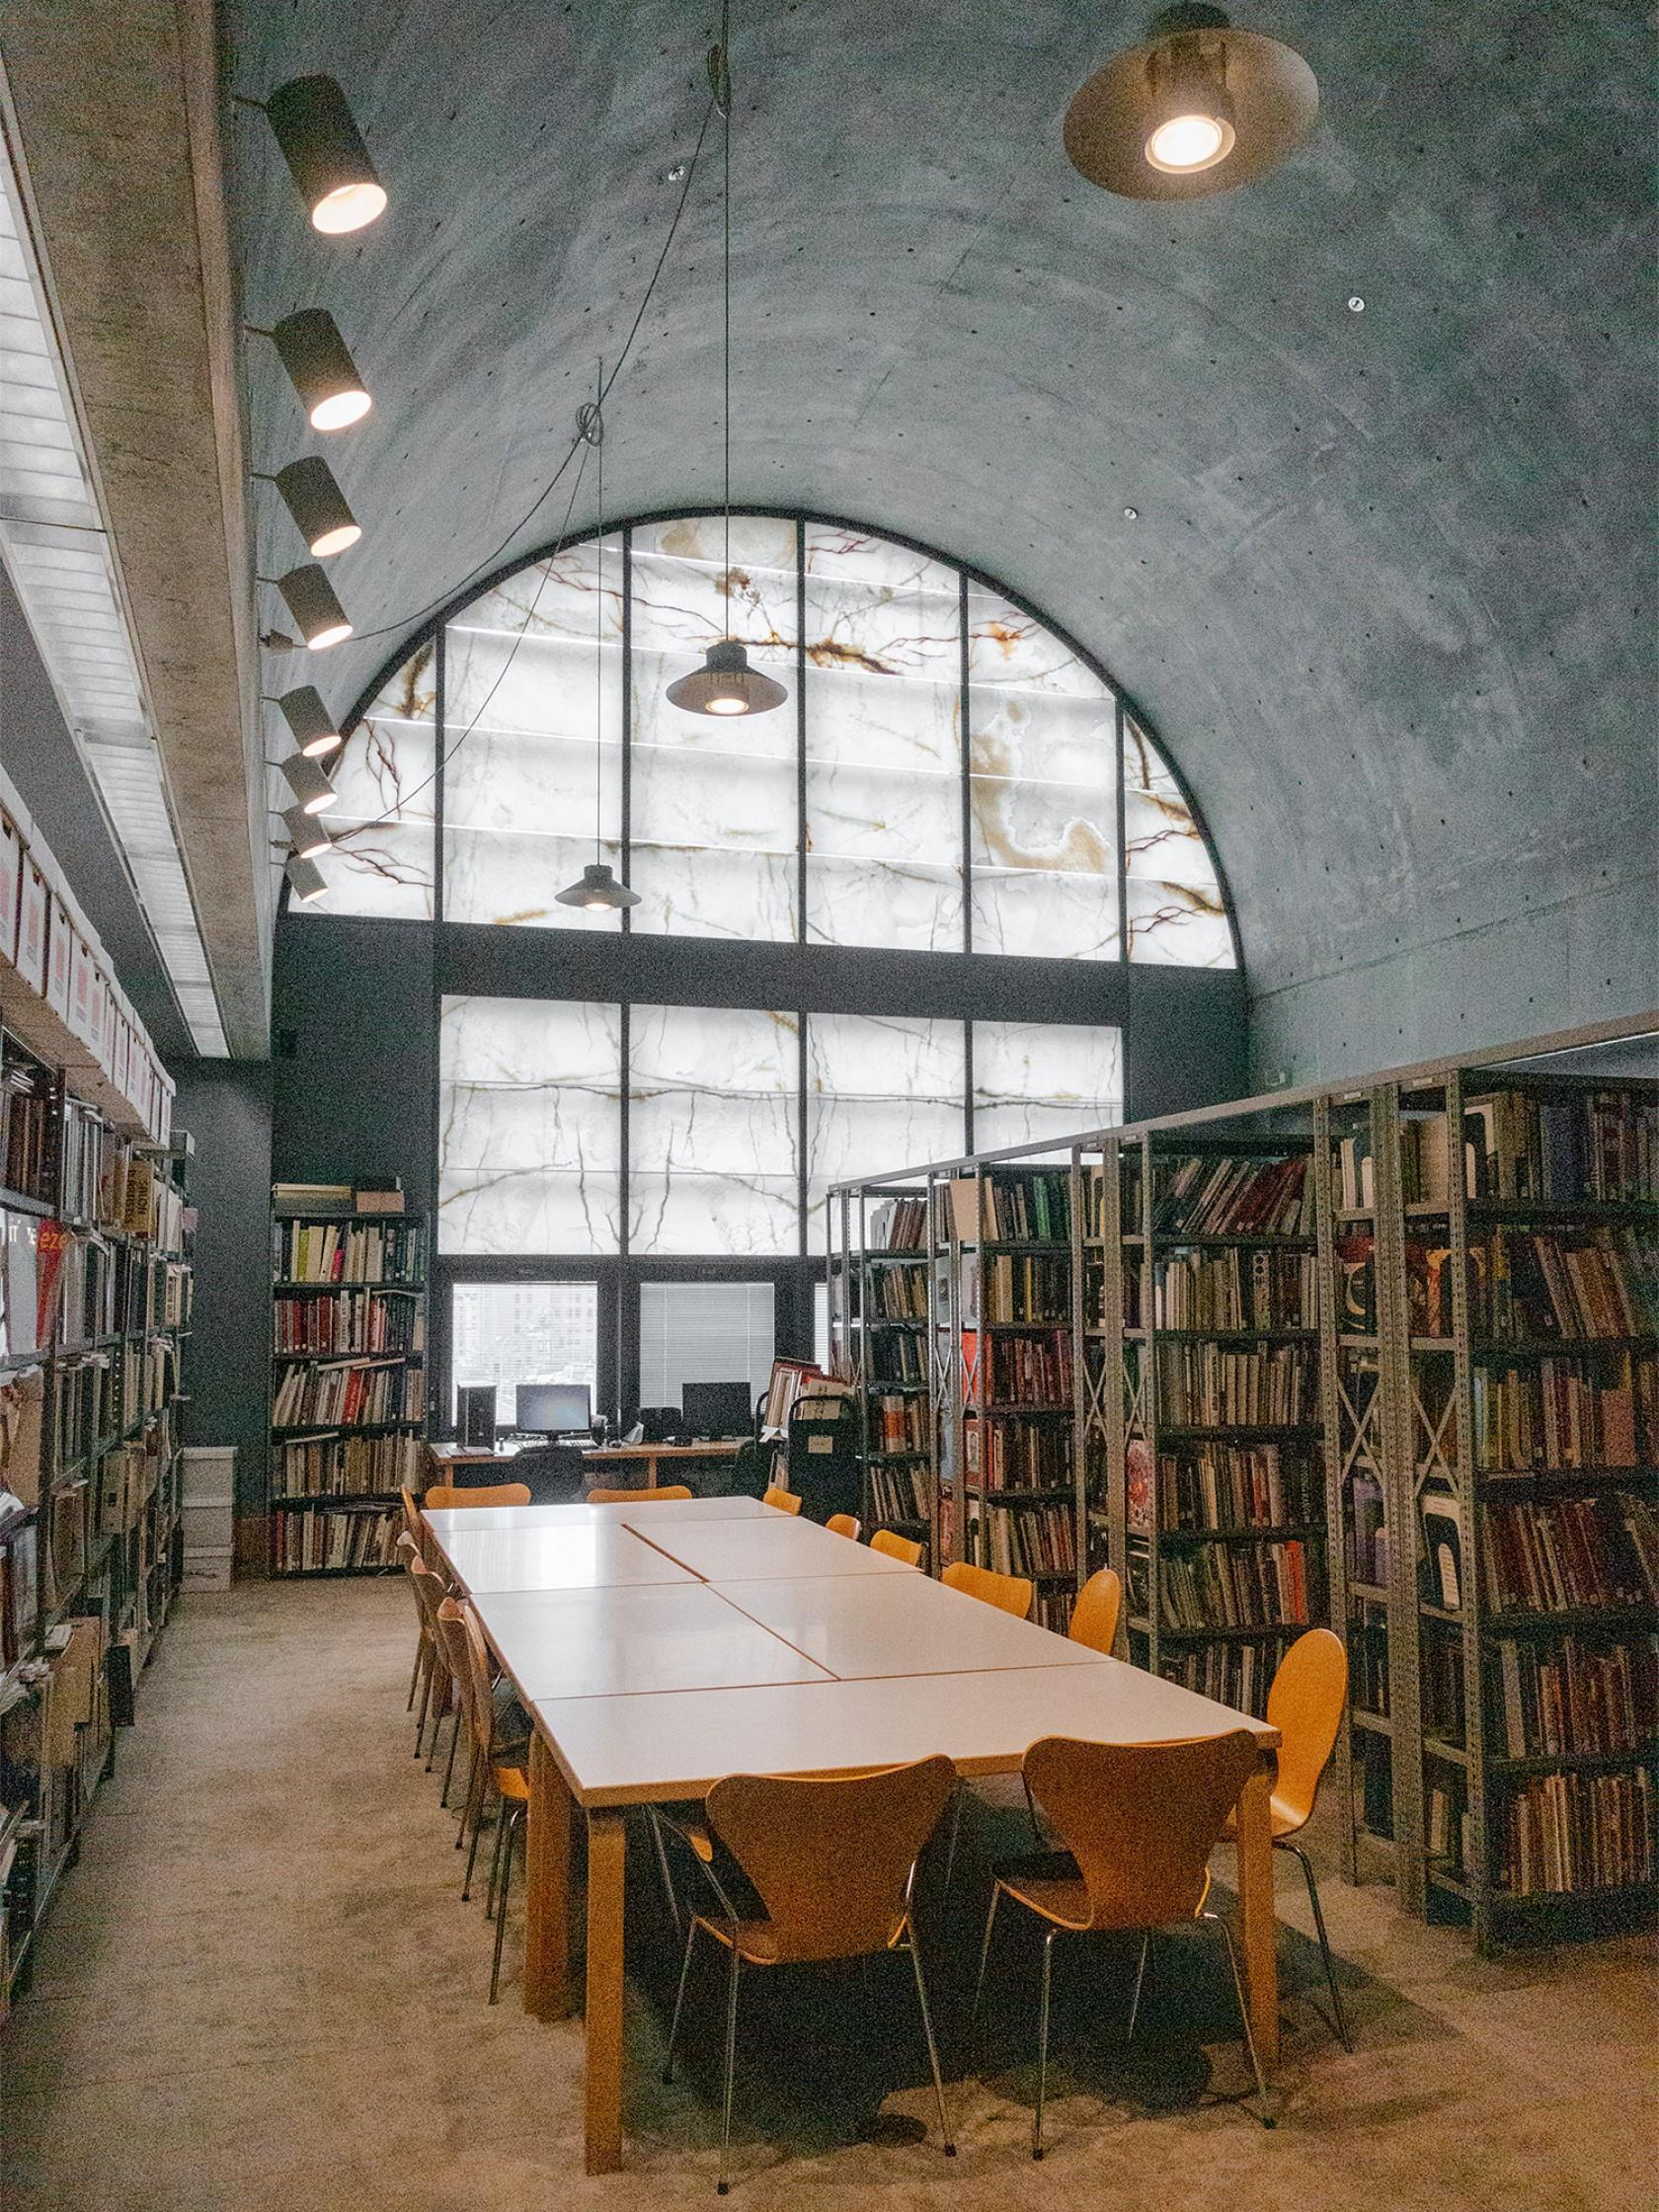 MOCA Library